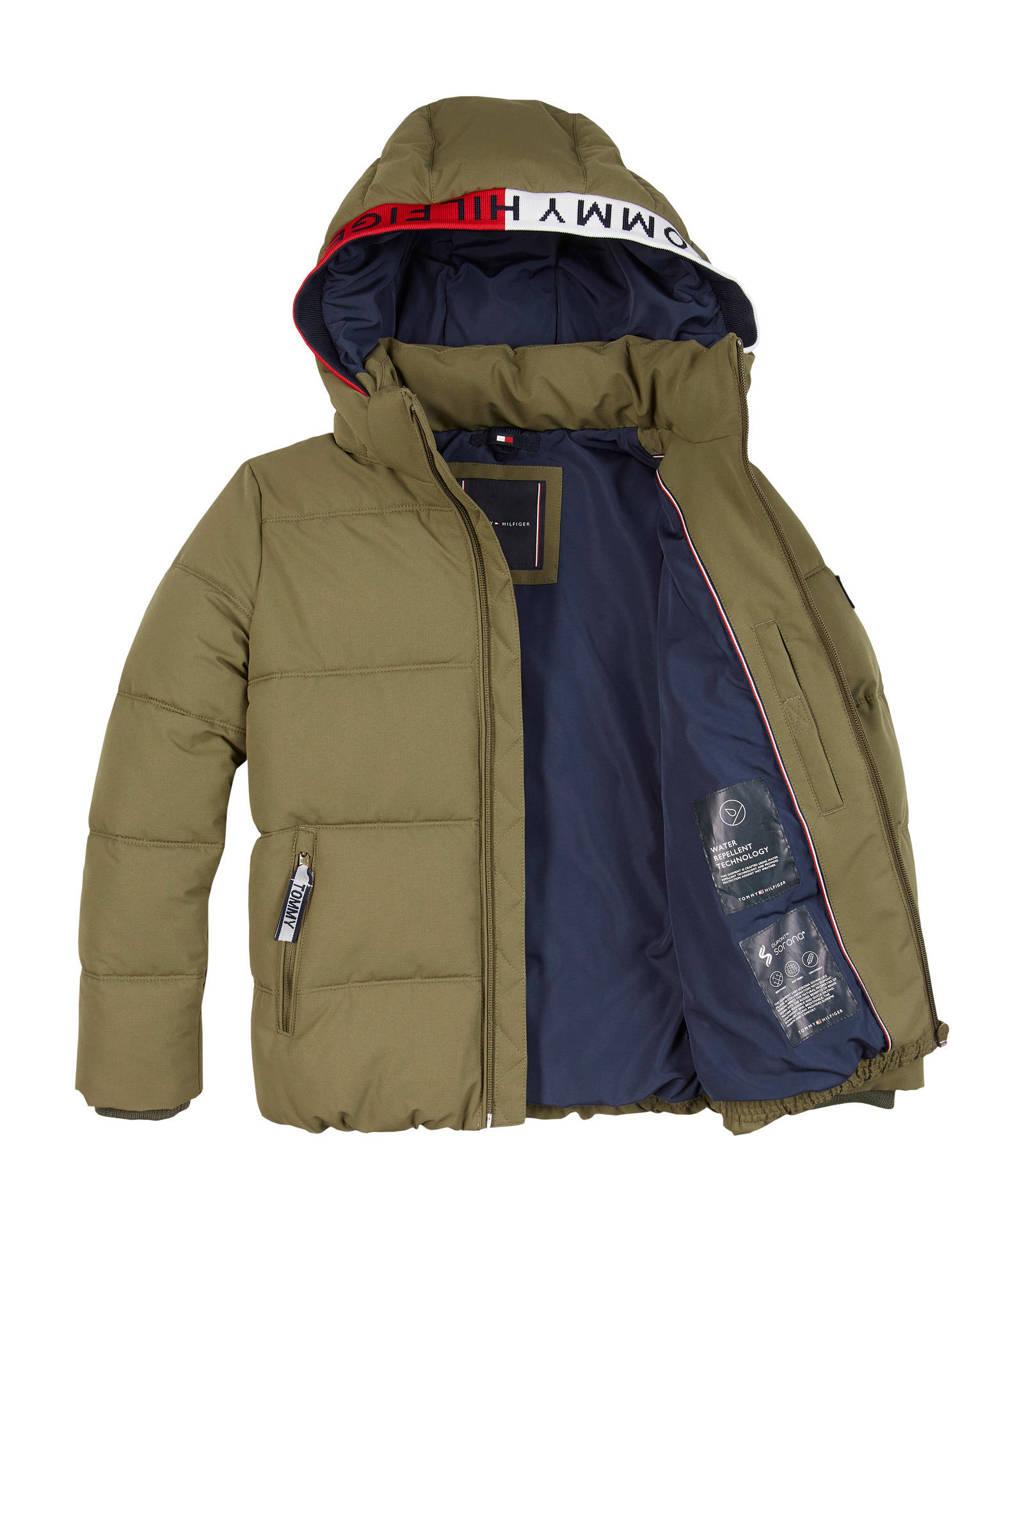 Tommy Hilfiger gewatteerde winterjas met contrastbies olijfgroen/rood/donkerblauw, Olijfgroen/rood/donkerblauw